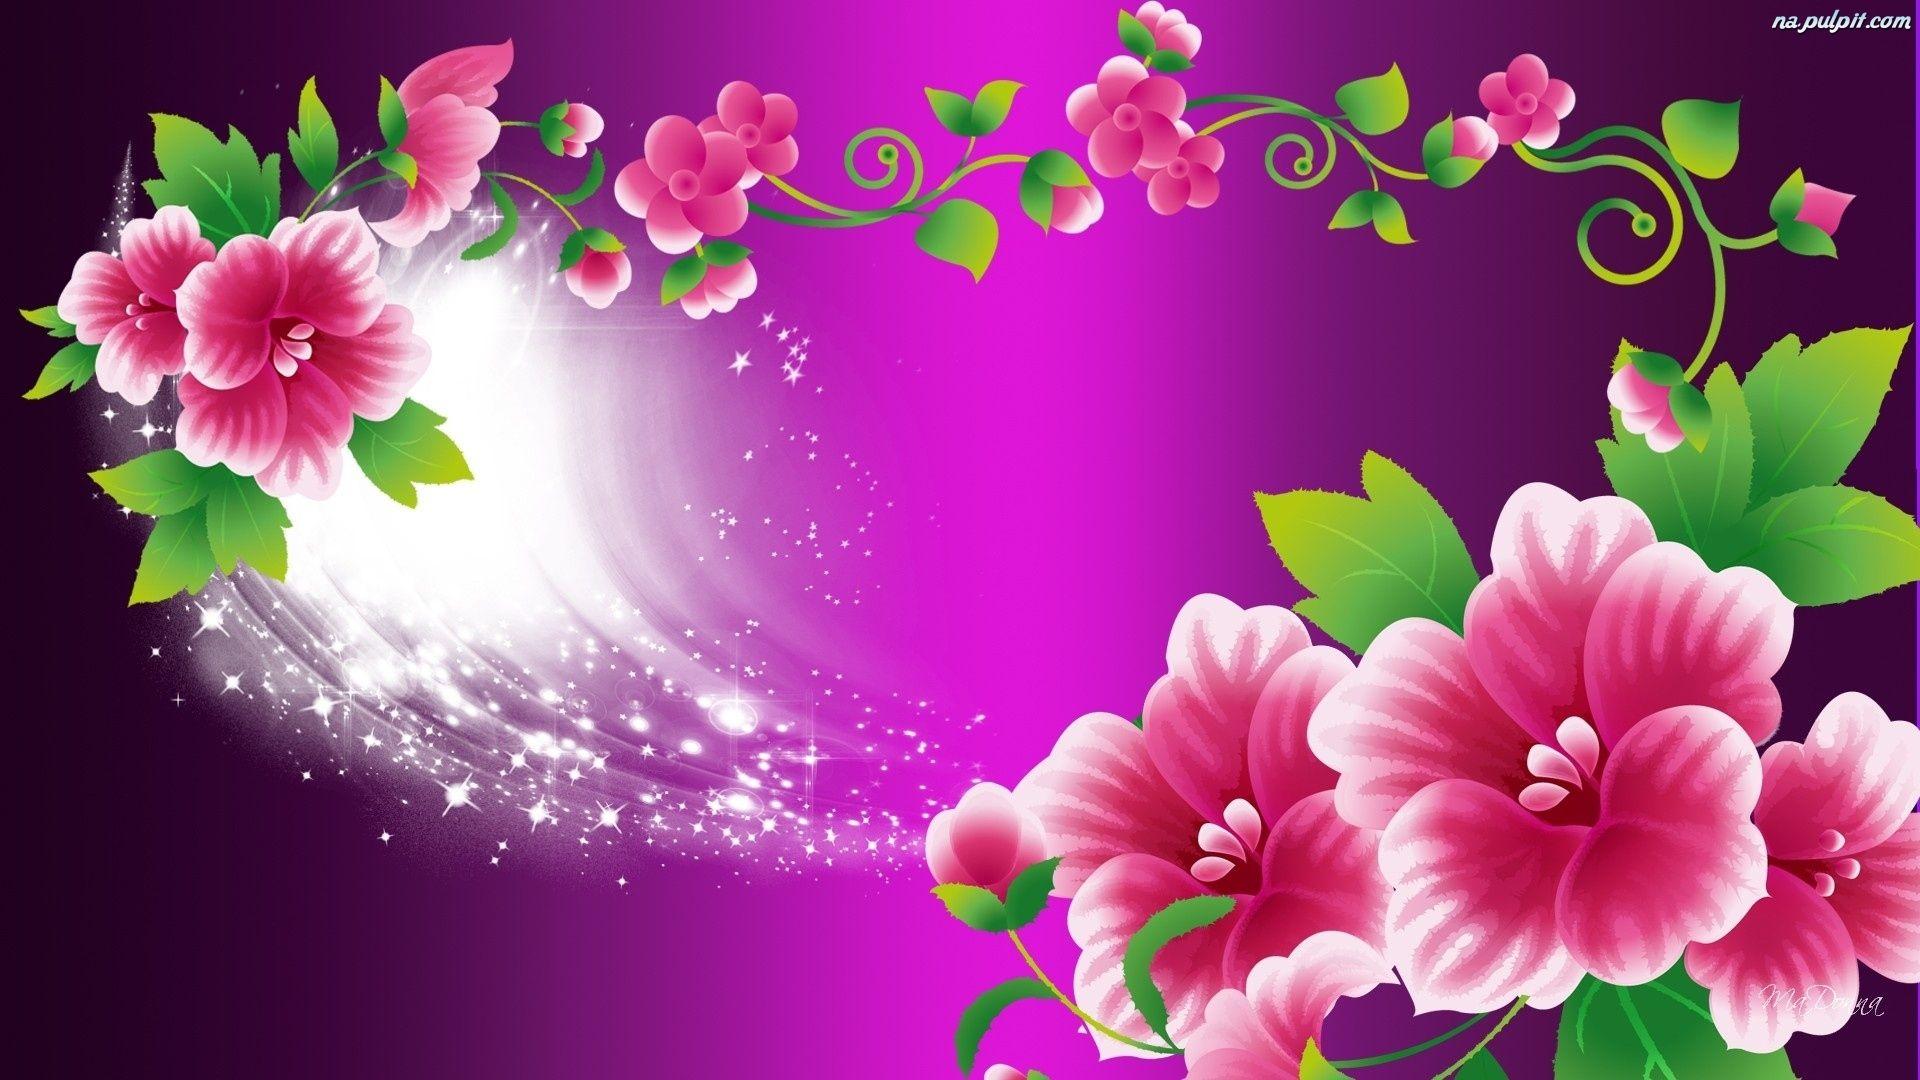 Grafika Fioletowe Kwiaty Rozowe Tlo Na Pulpit Power Wallpaper Flower Photos Wallpaper